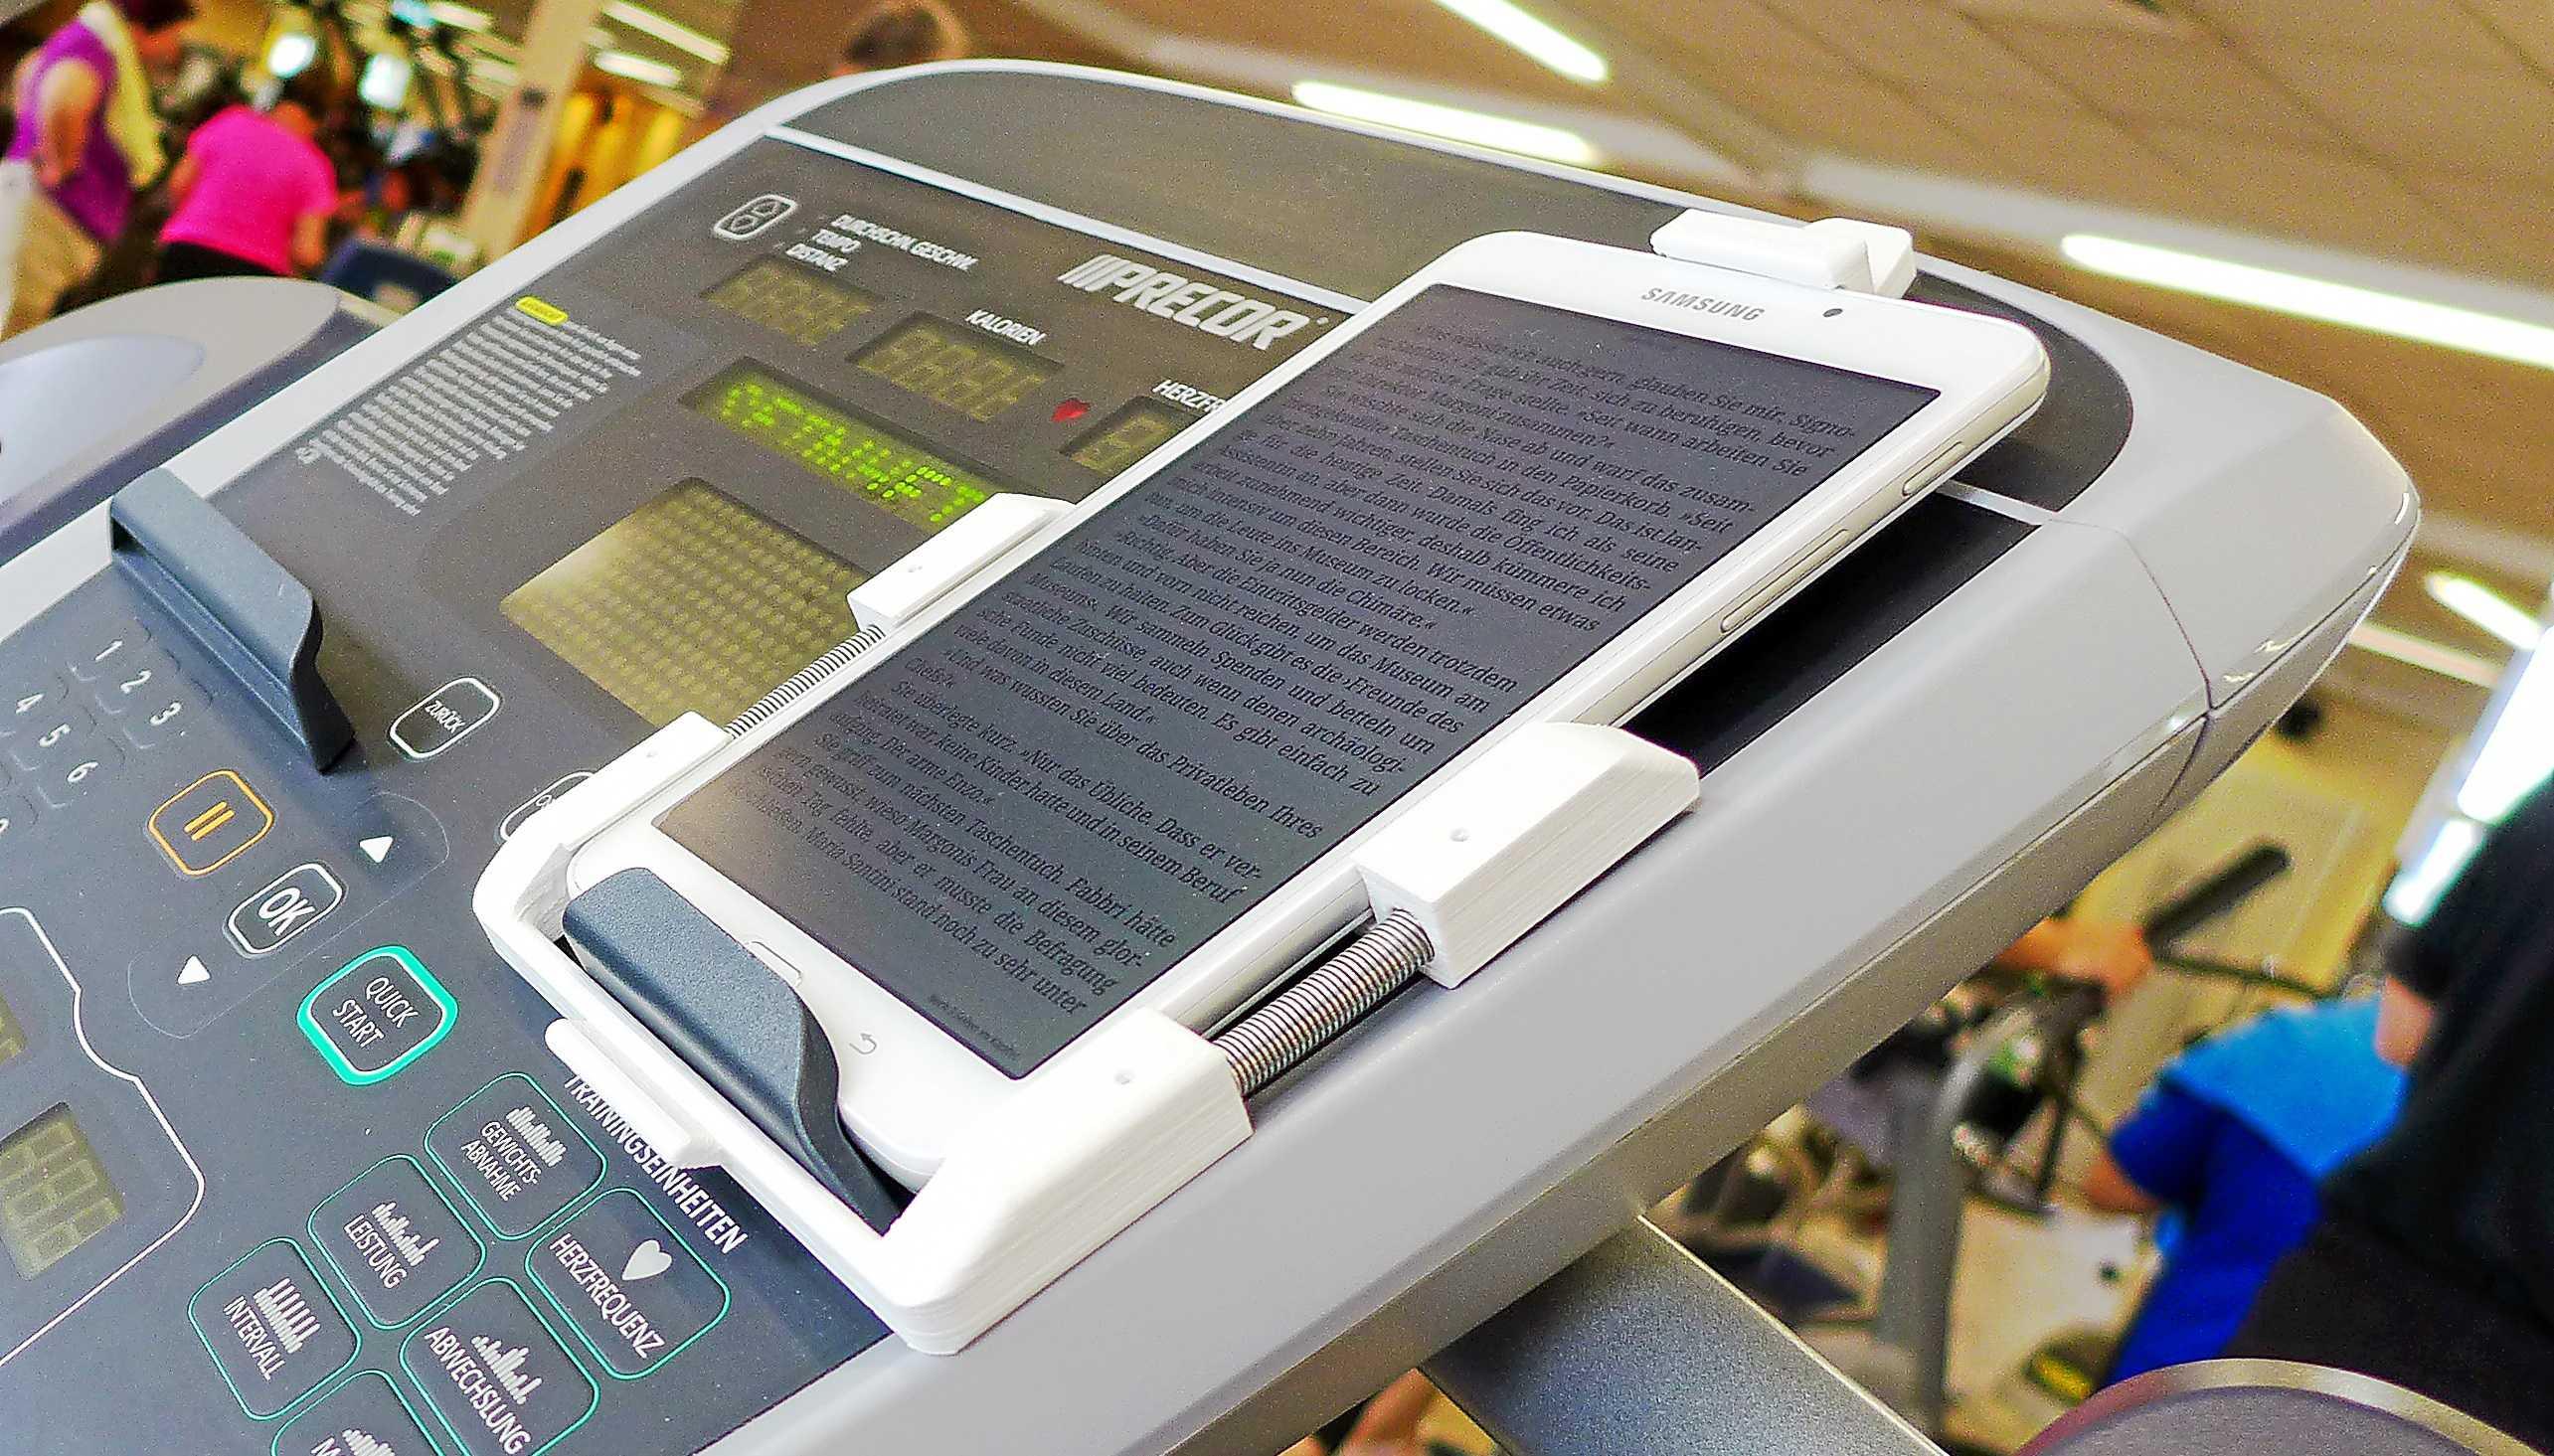 Auf dem Kontrollpaneel eines Laufbands liegt ein Tablet in einer 3D-gedruckten Halterung.